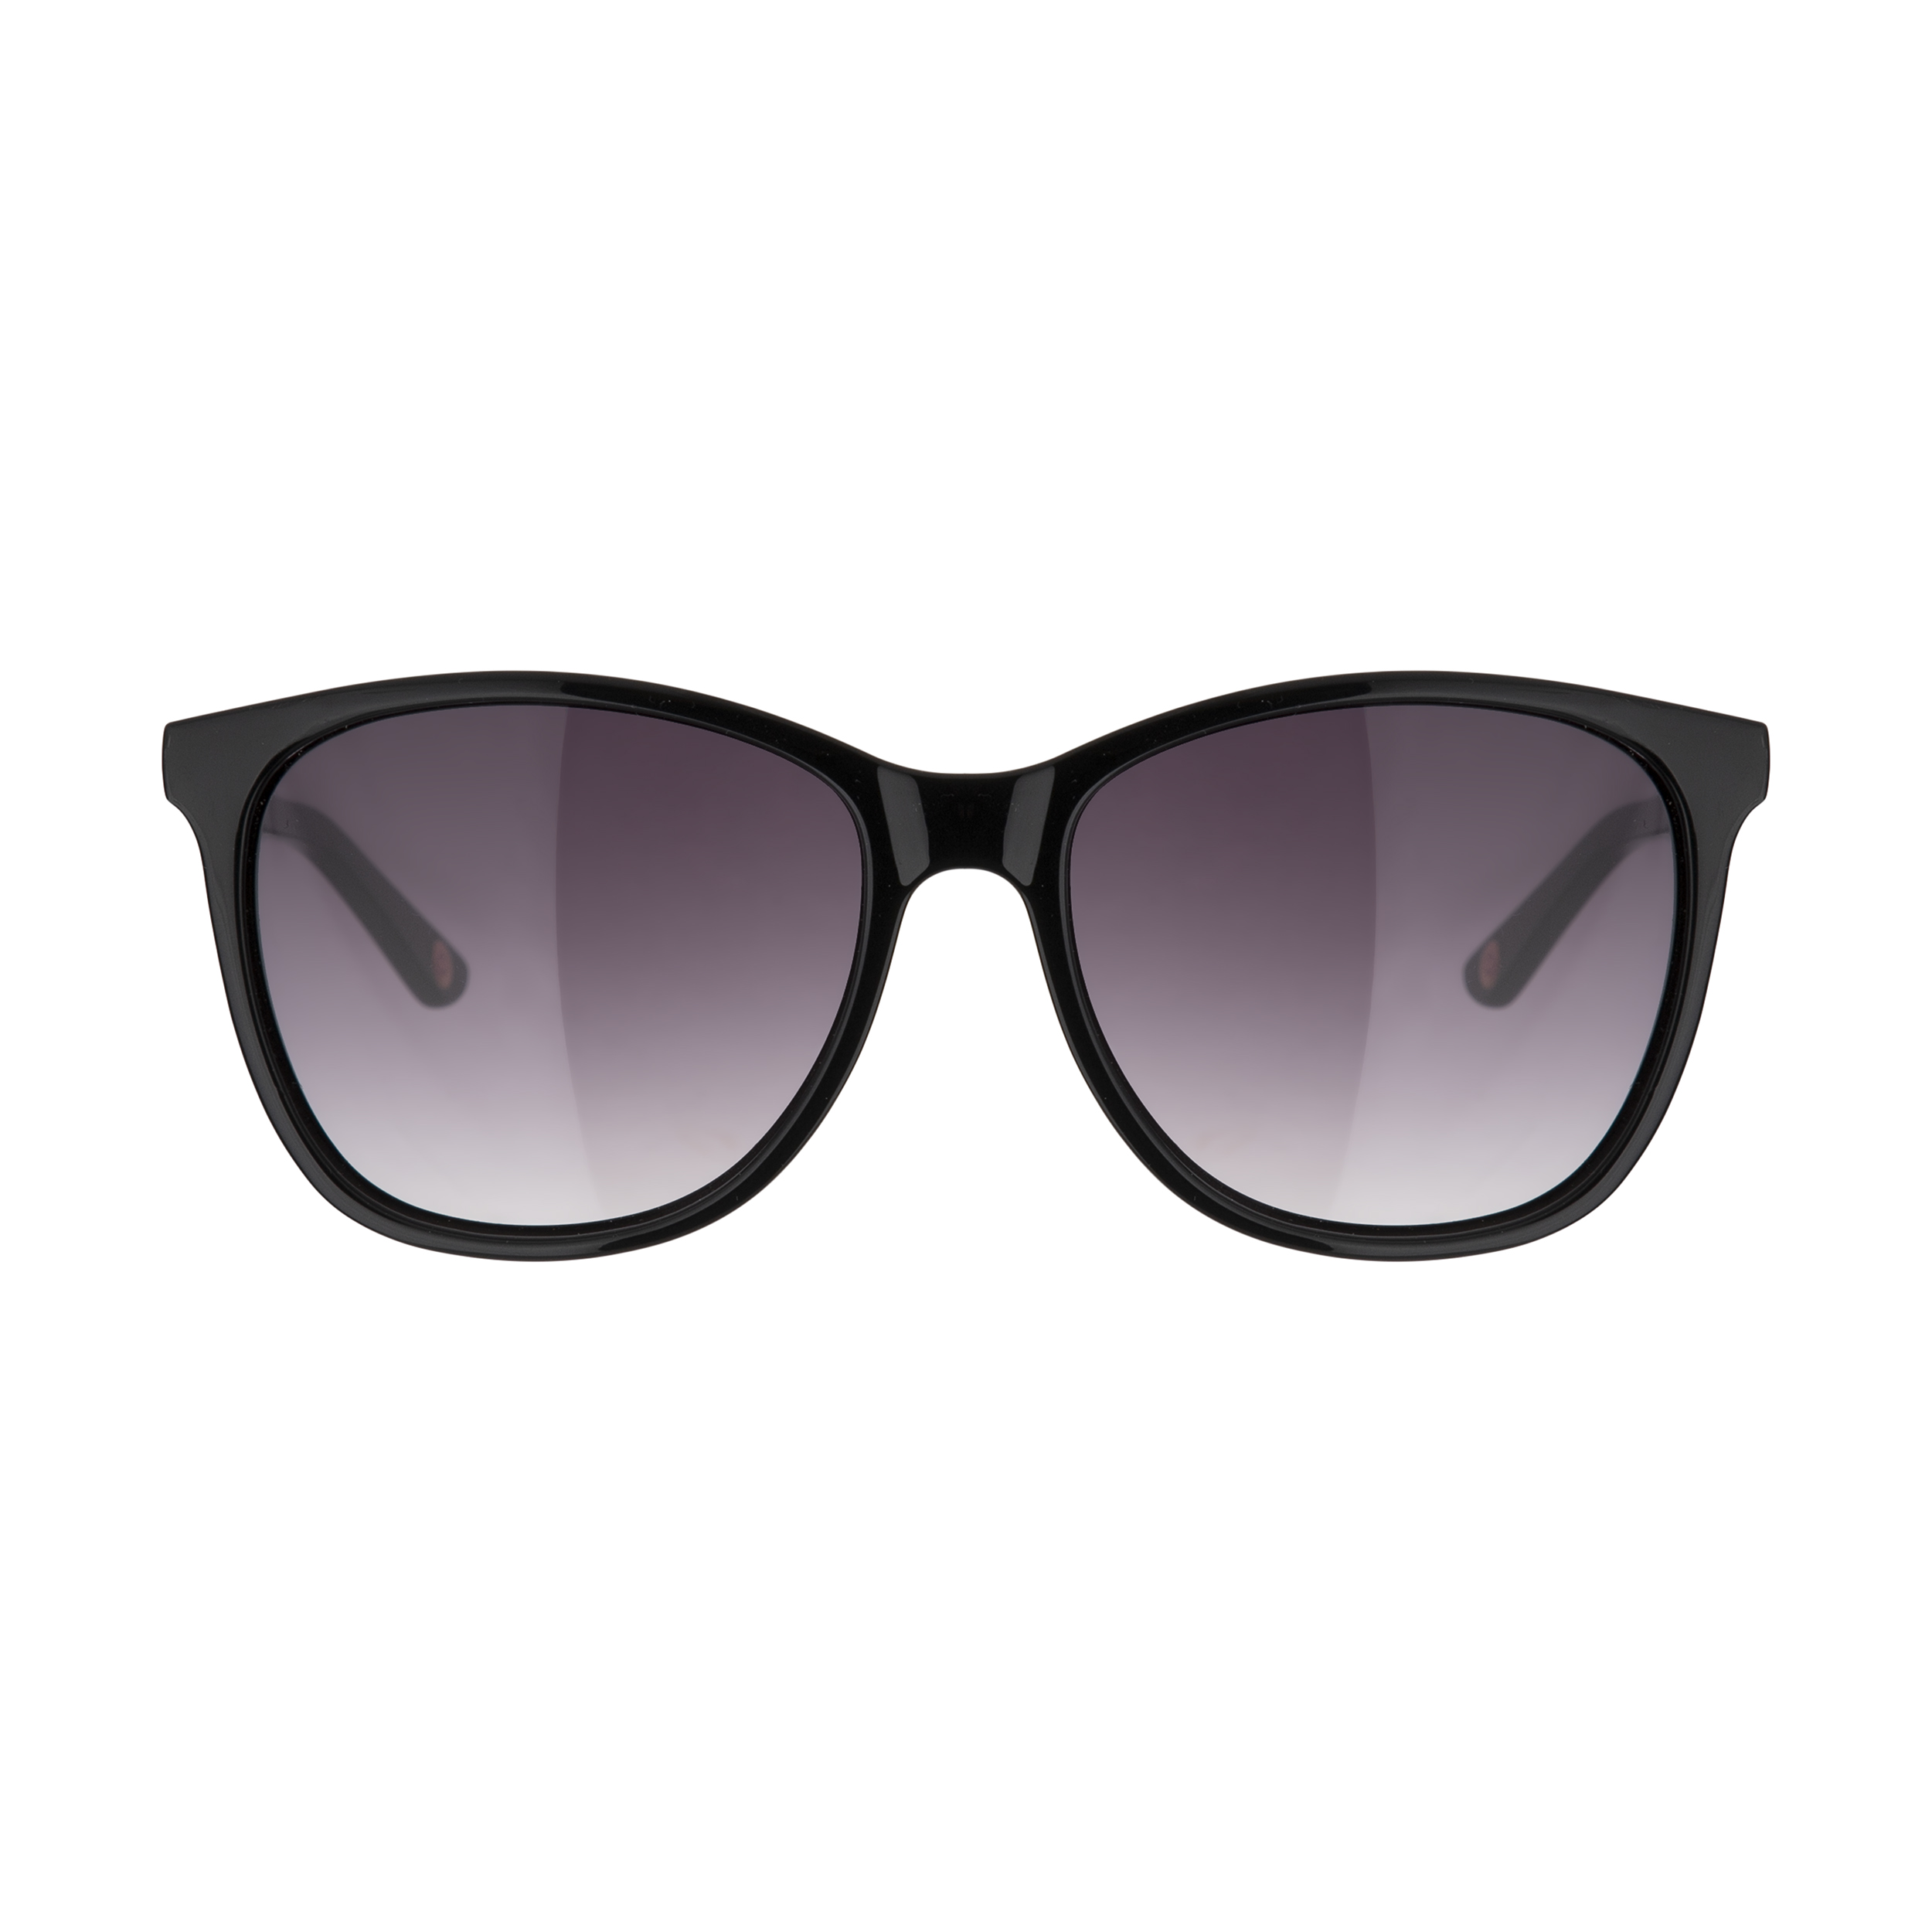 عینک آفتابی زنانه تد بیکر مدل TB 1496 OO1